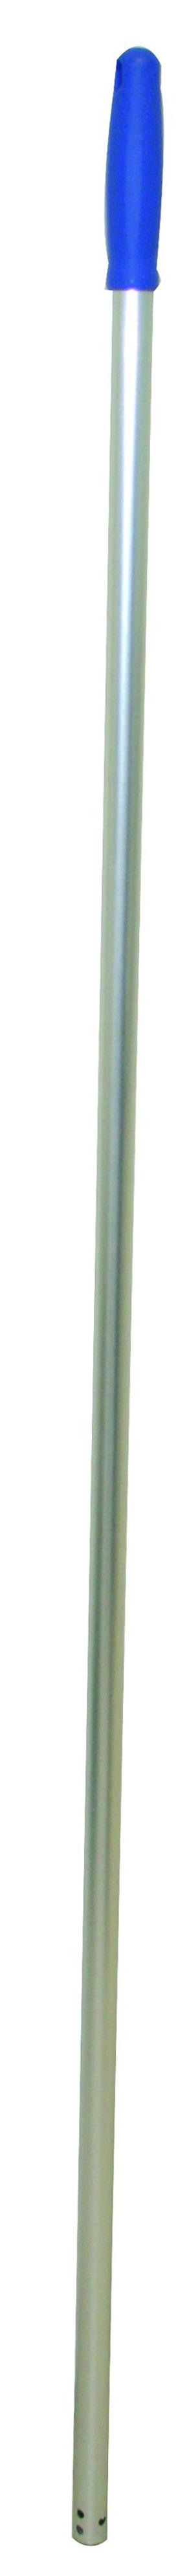 Manico alluminio